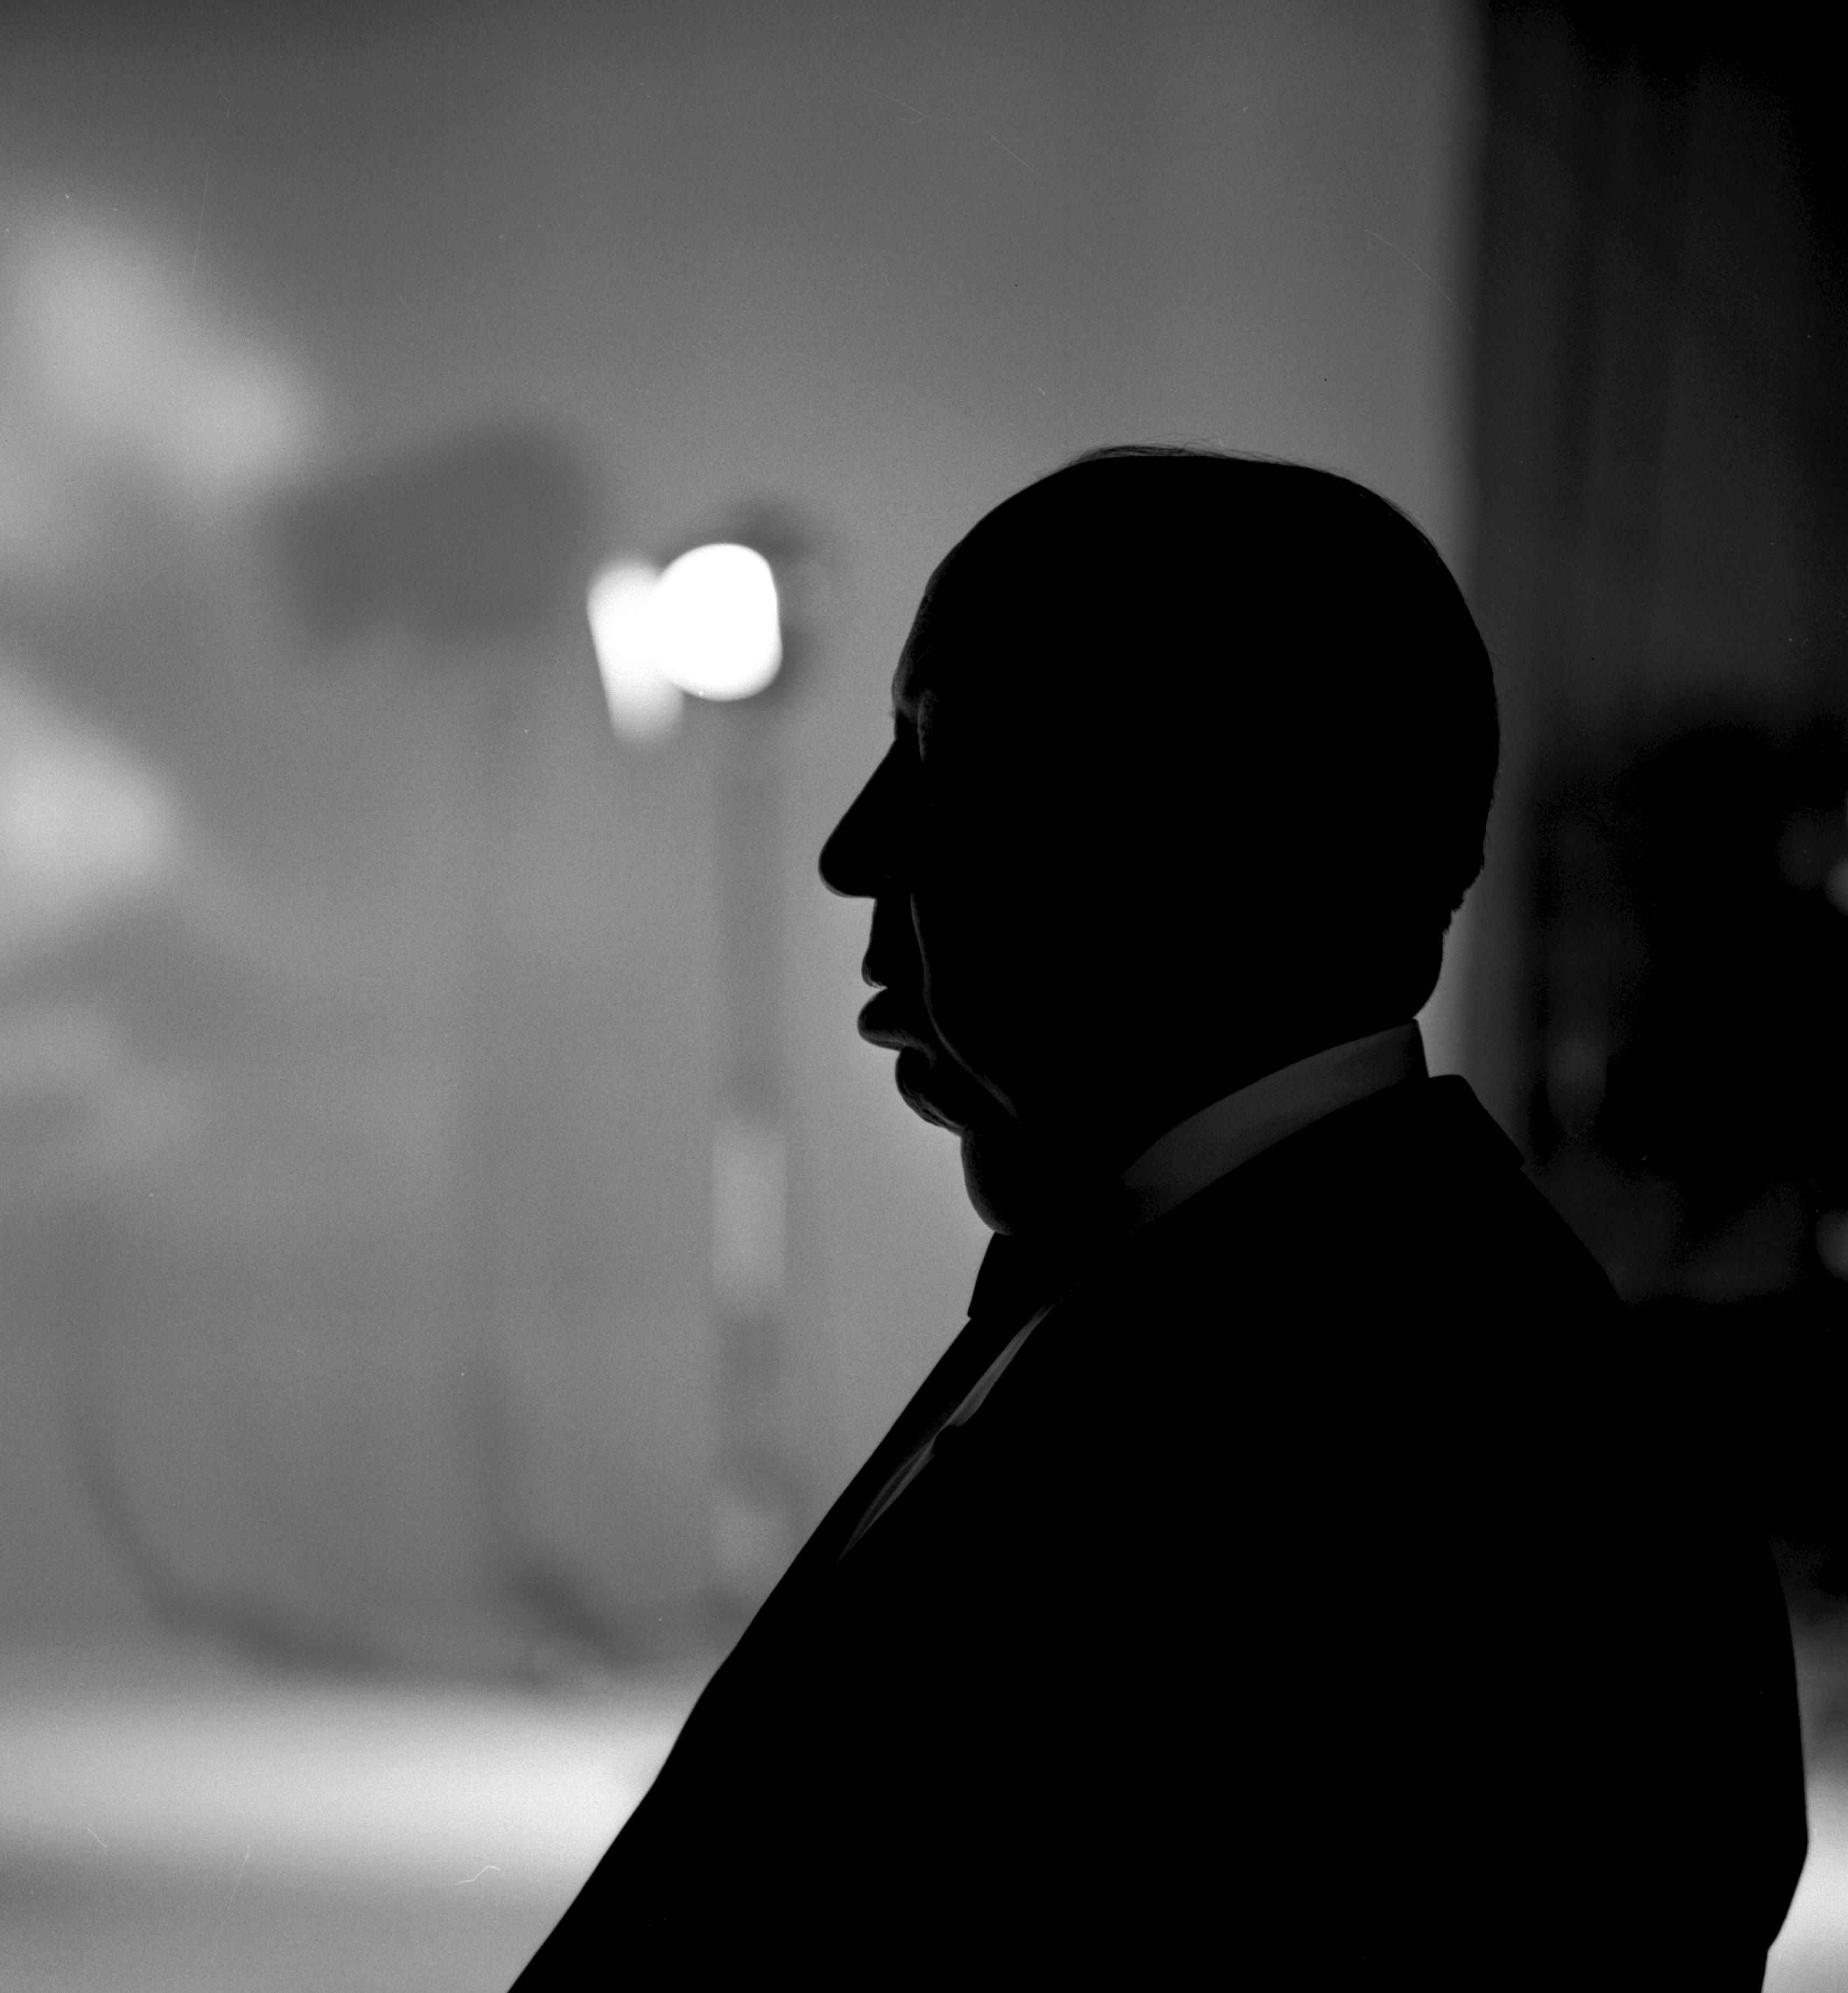 Die Silhouette von Alfred Hitchcock kennt fast jedes Kind